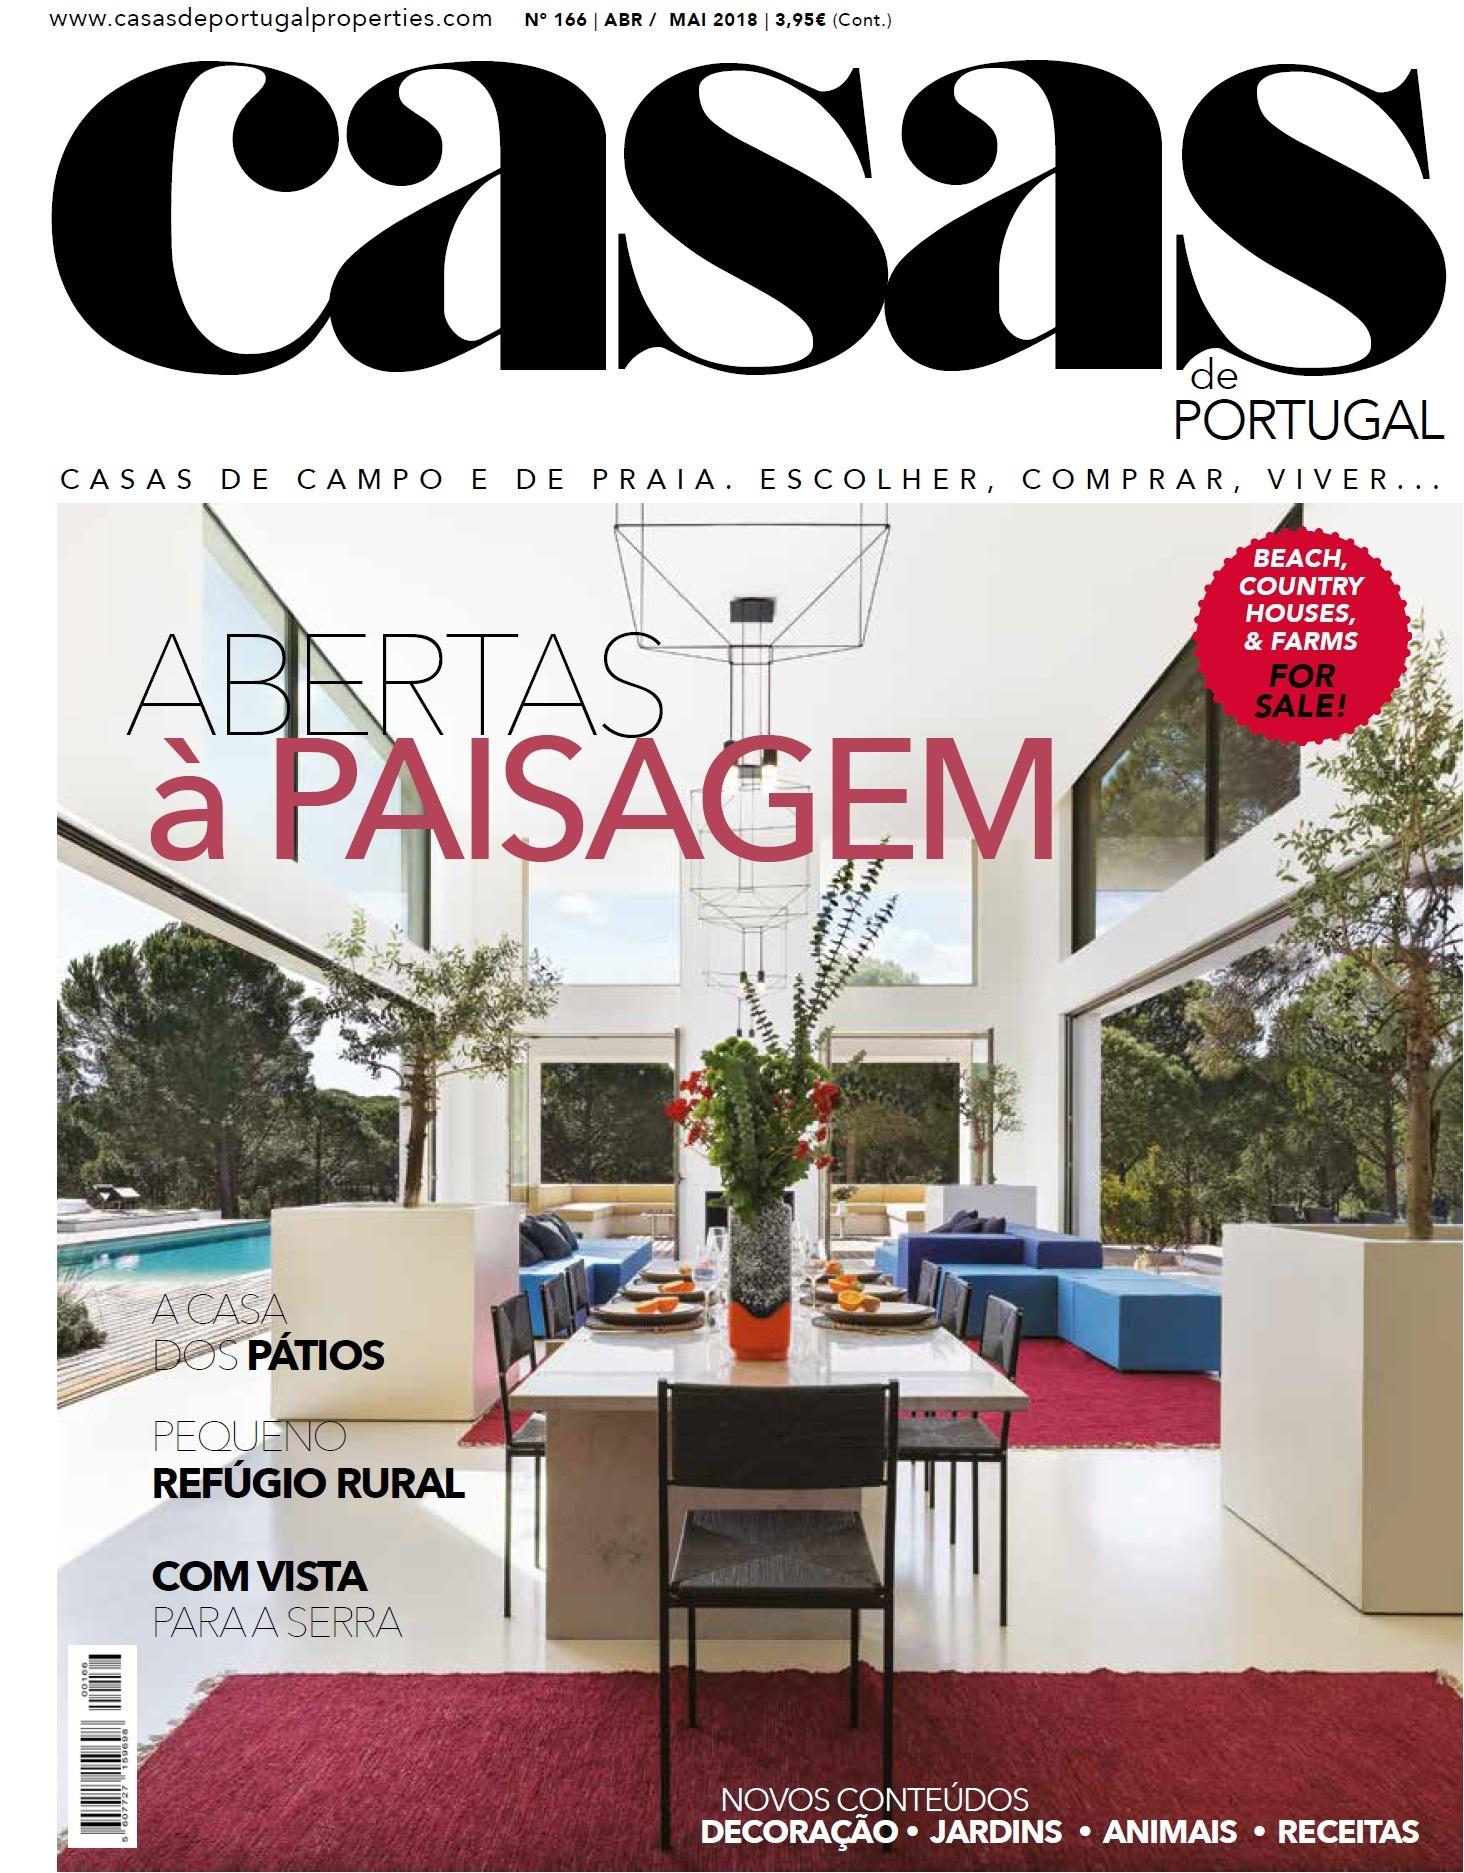 Capa-casas-de-Portugal-166